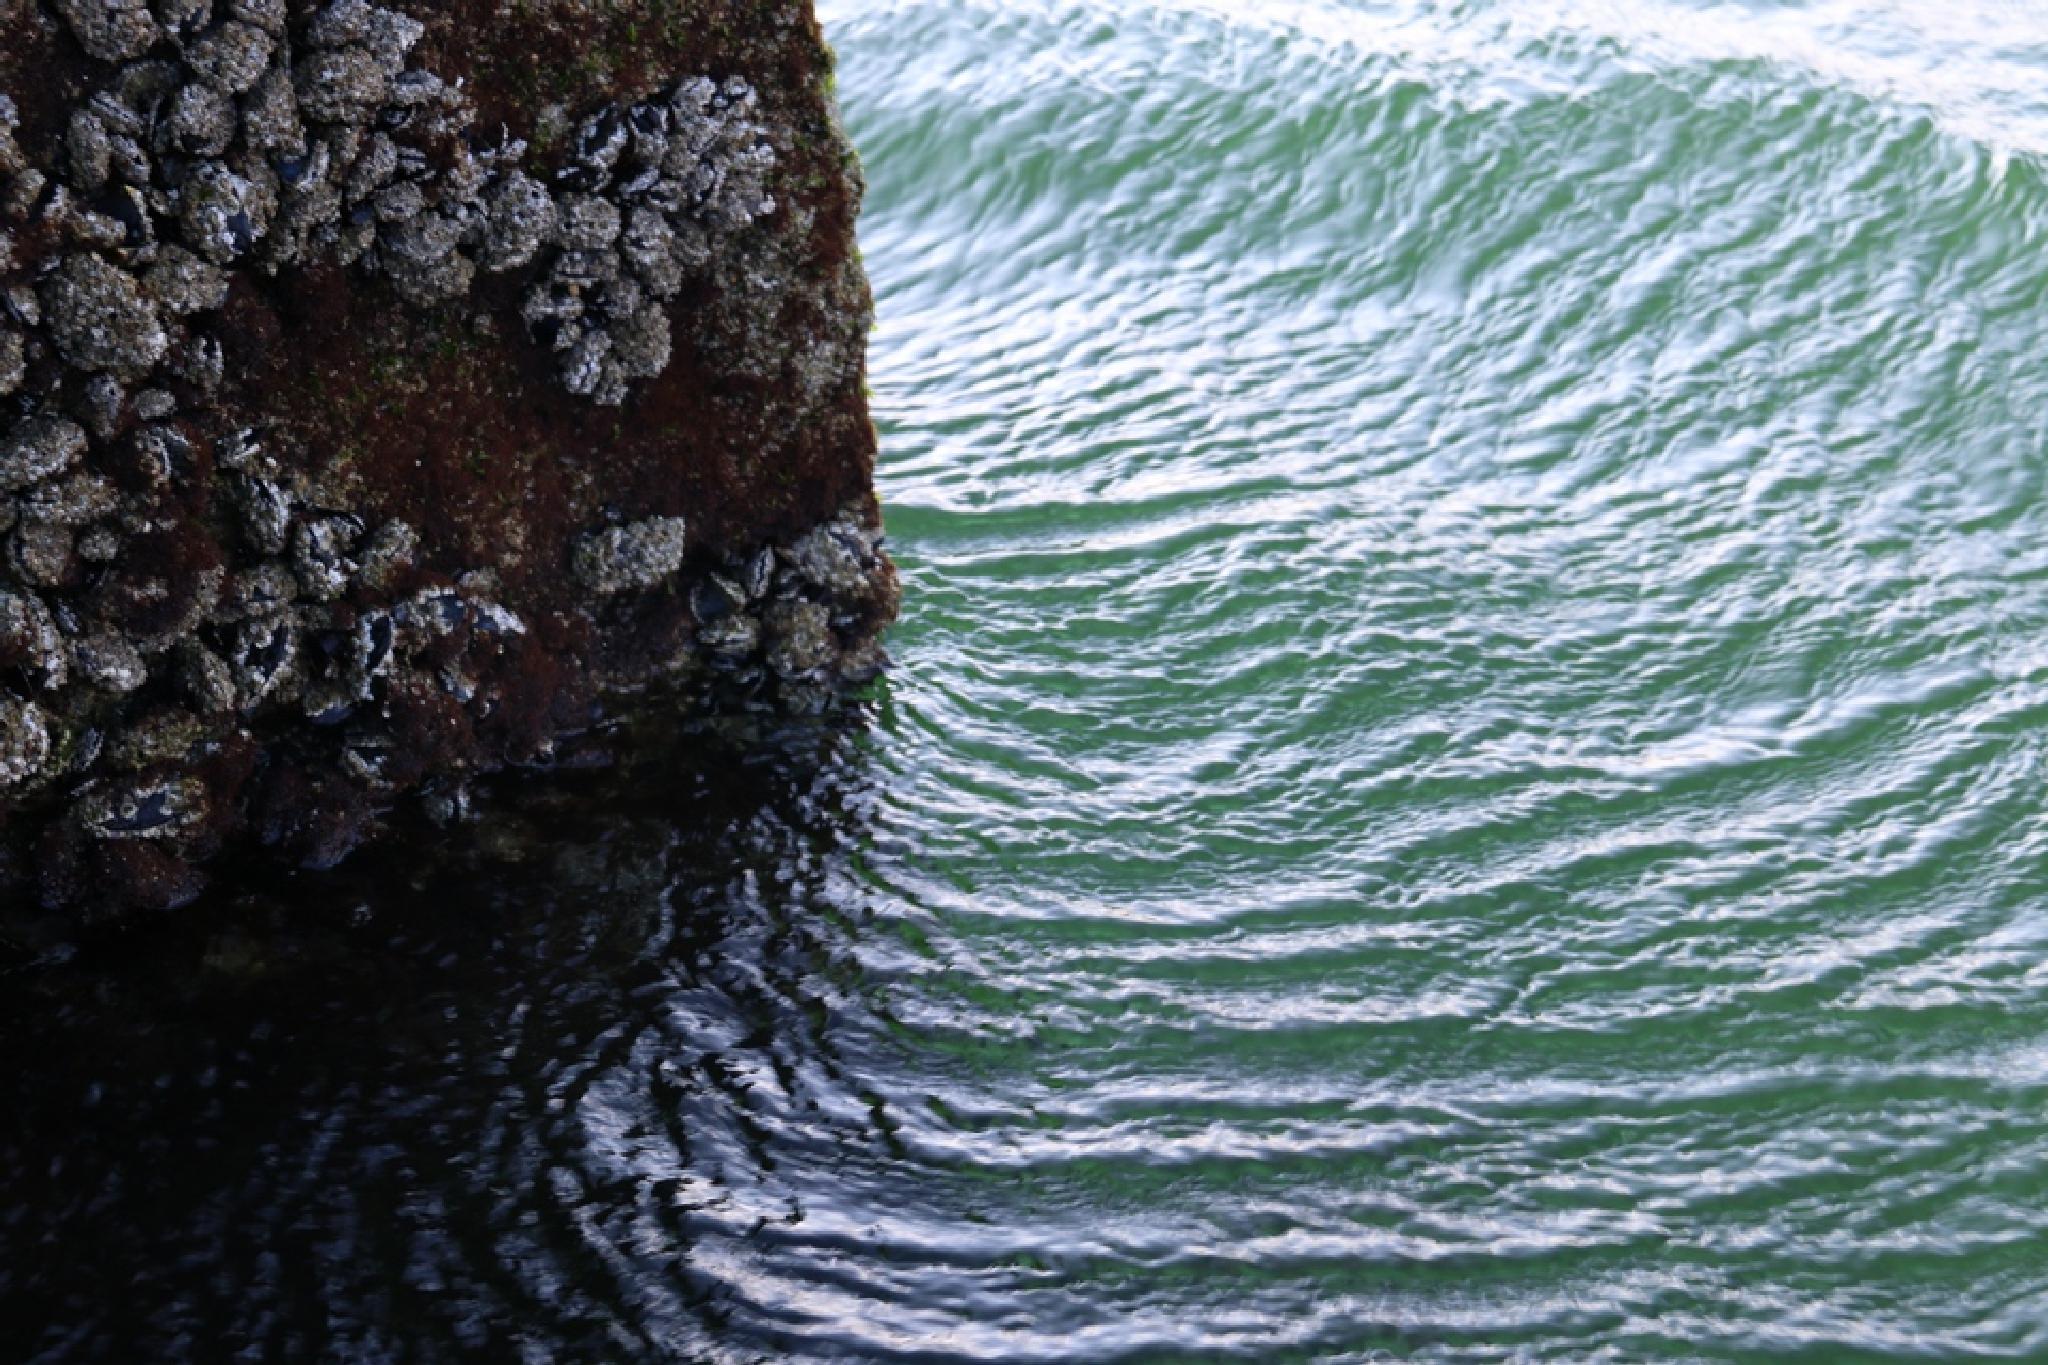 sea breeze by Con de Noro